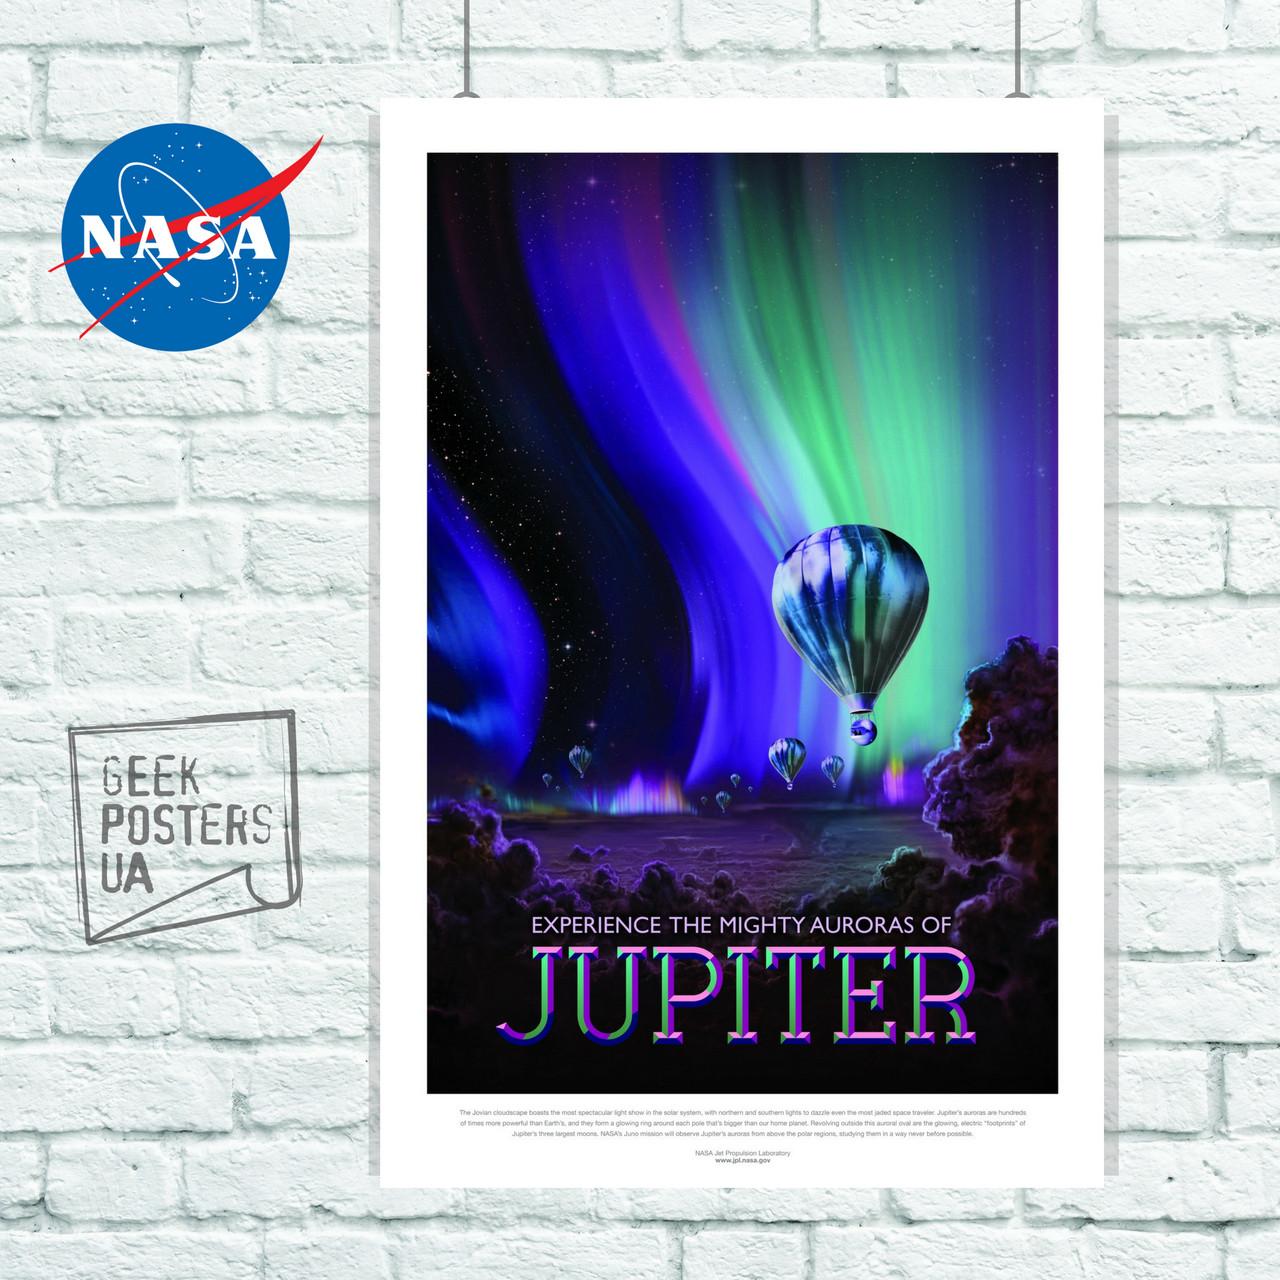 Постер НАСА, NASA, Jupiter, Юпитер. Размер 60x40см (A2). Глянцевая бумага